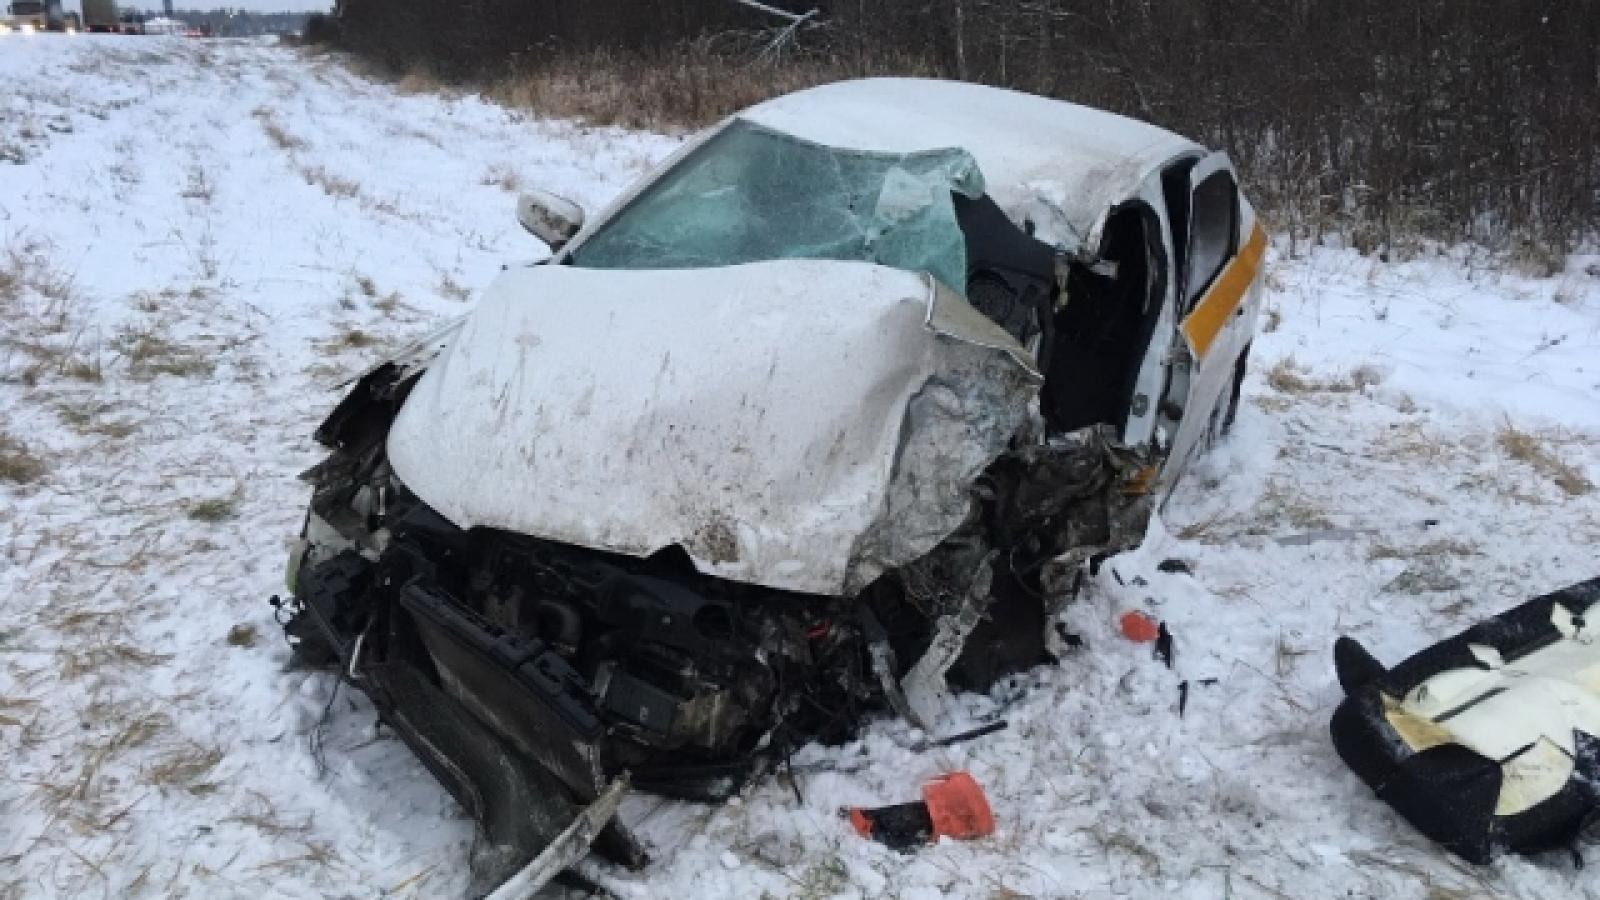 Страшное ДТП в Вологодском районе: один человек погиб